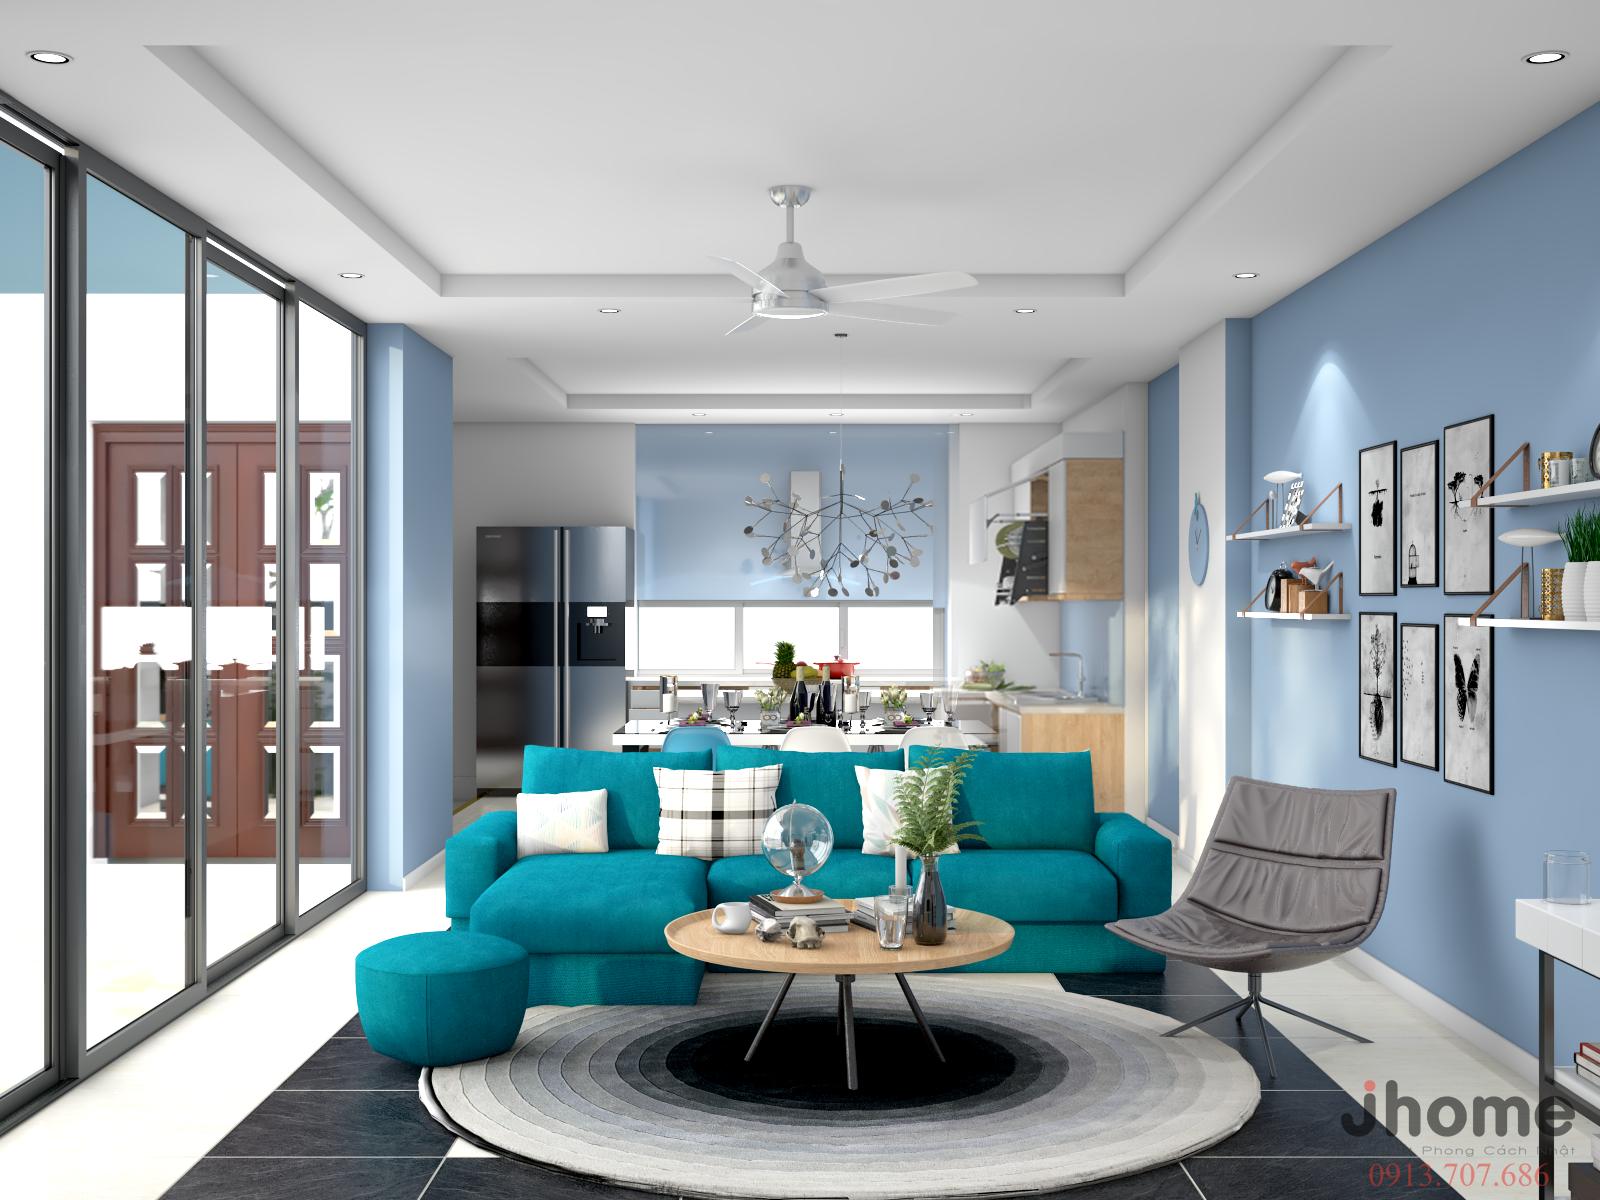 Thiết kế, thi công nội thất nhà phố Tây Hồ